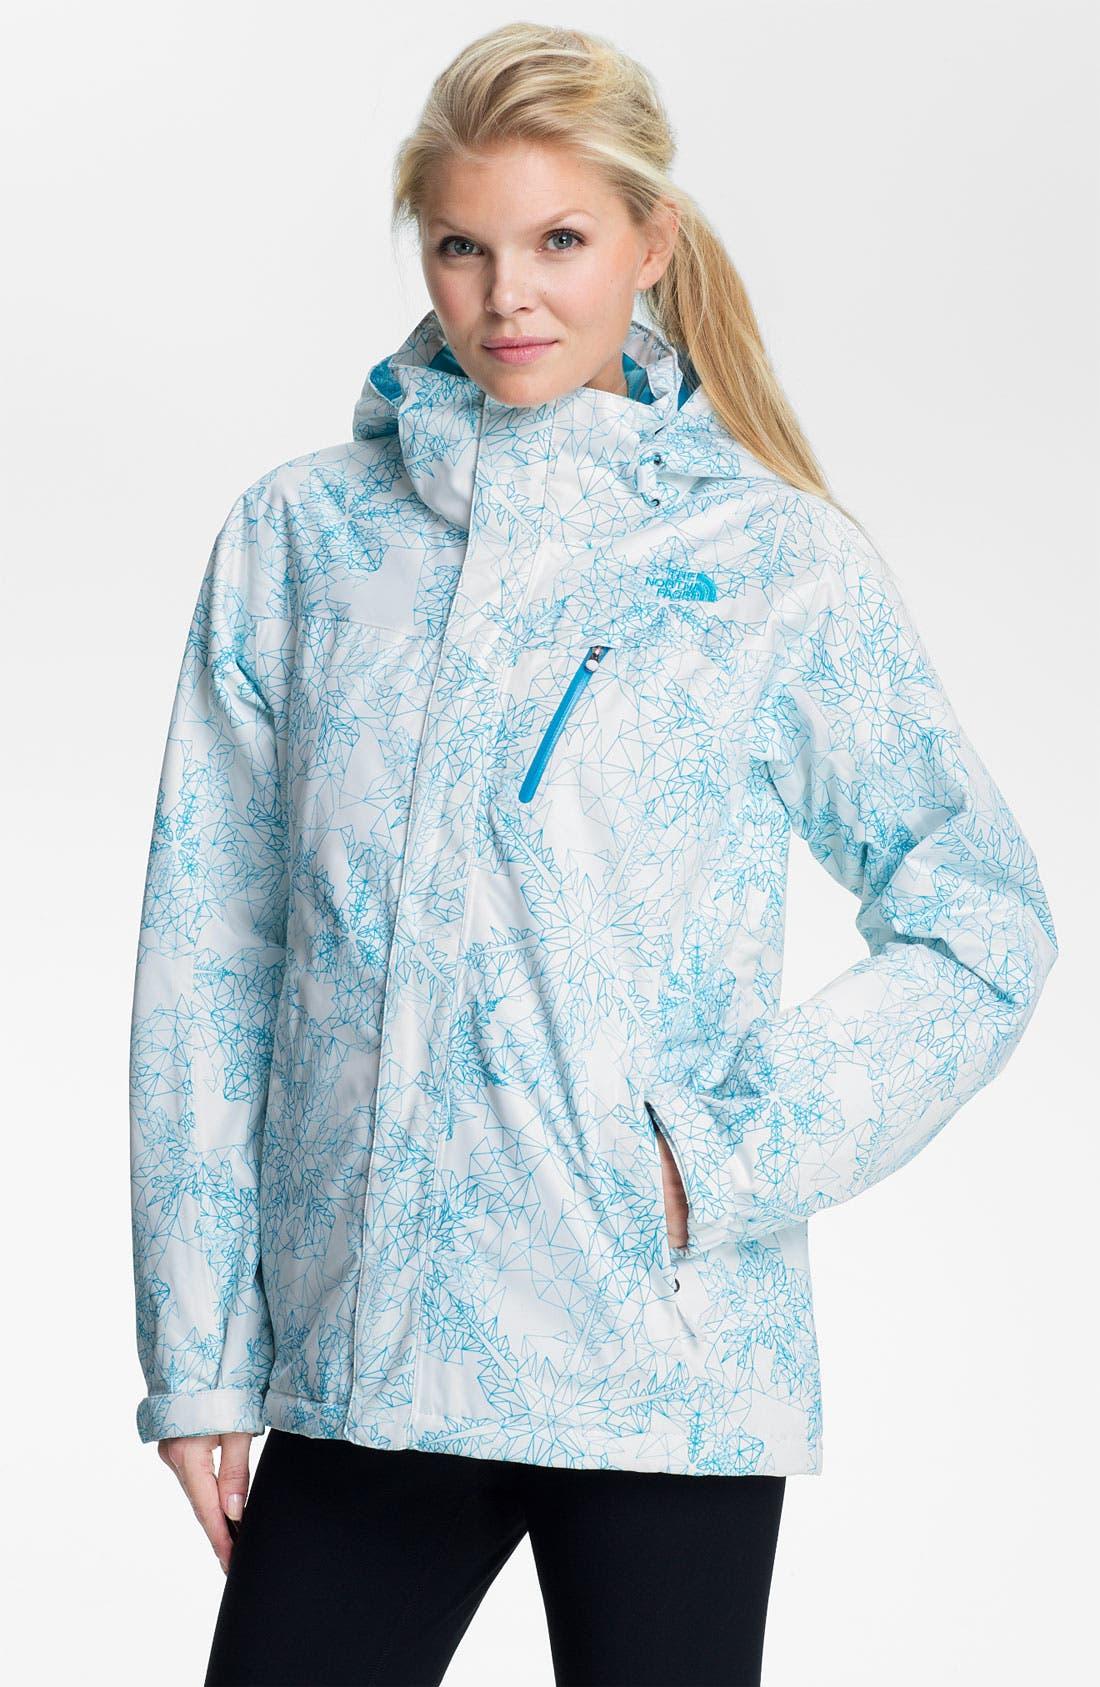 Main Image - The North Face 'Snow Cougar' Print Jacket